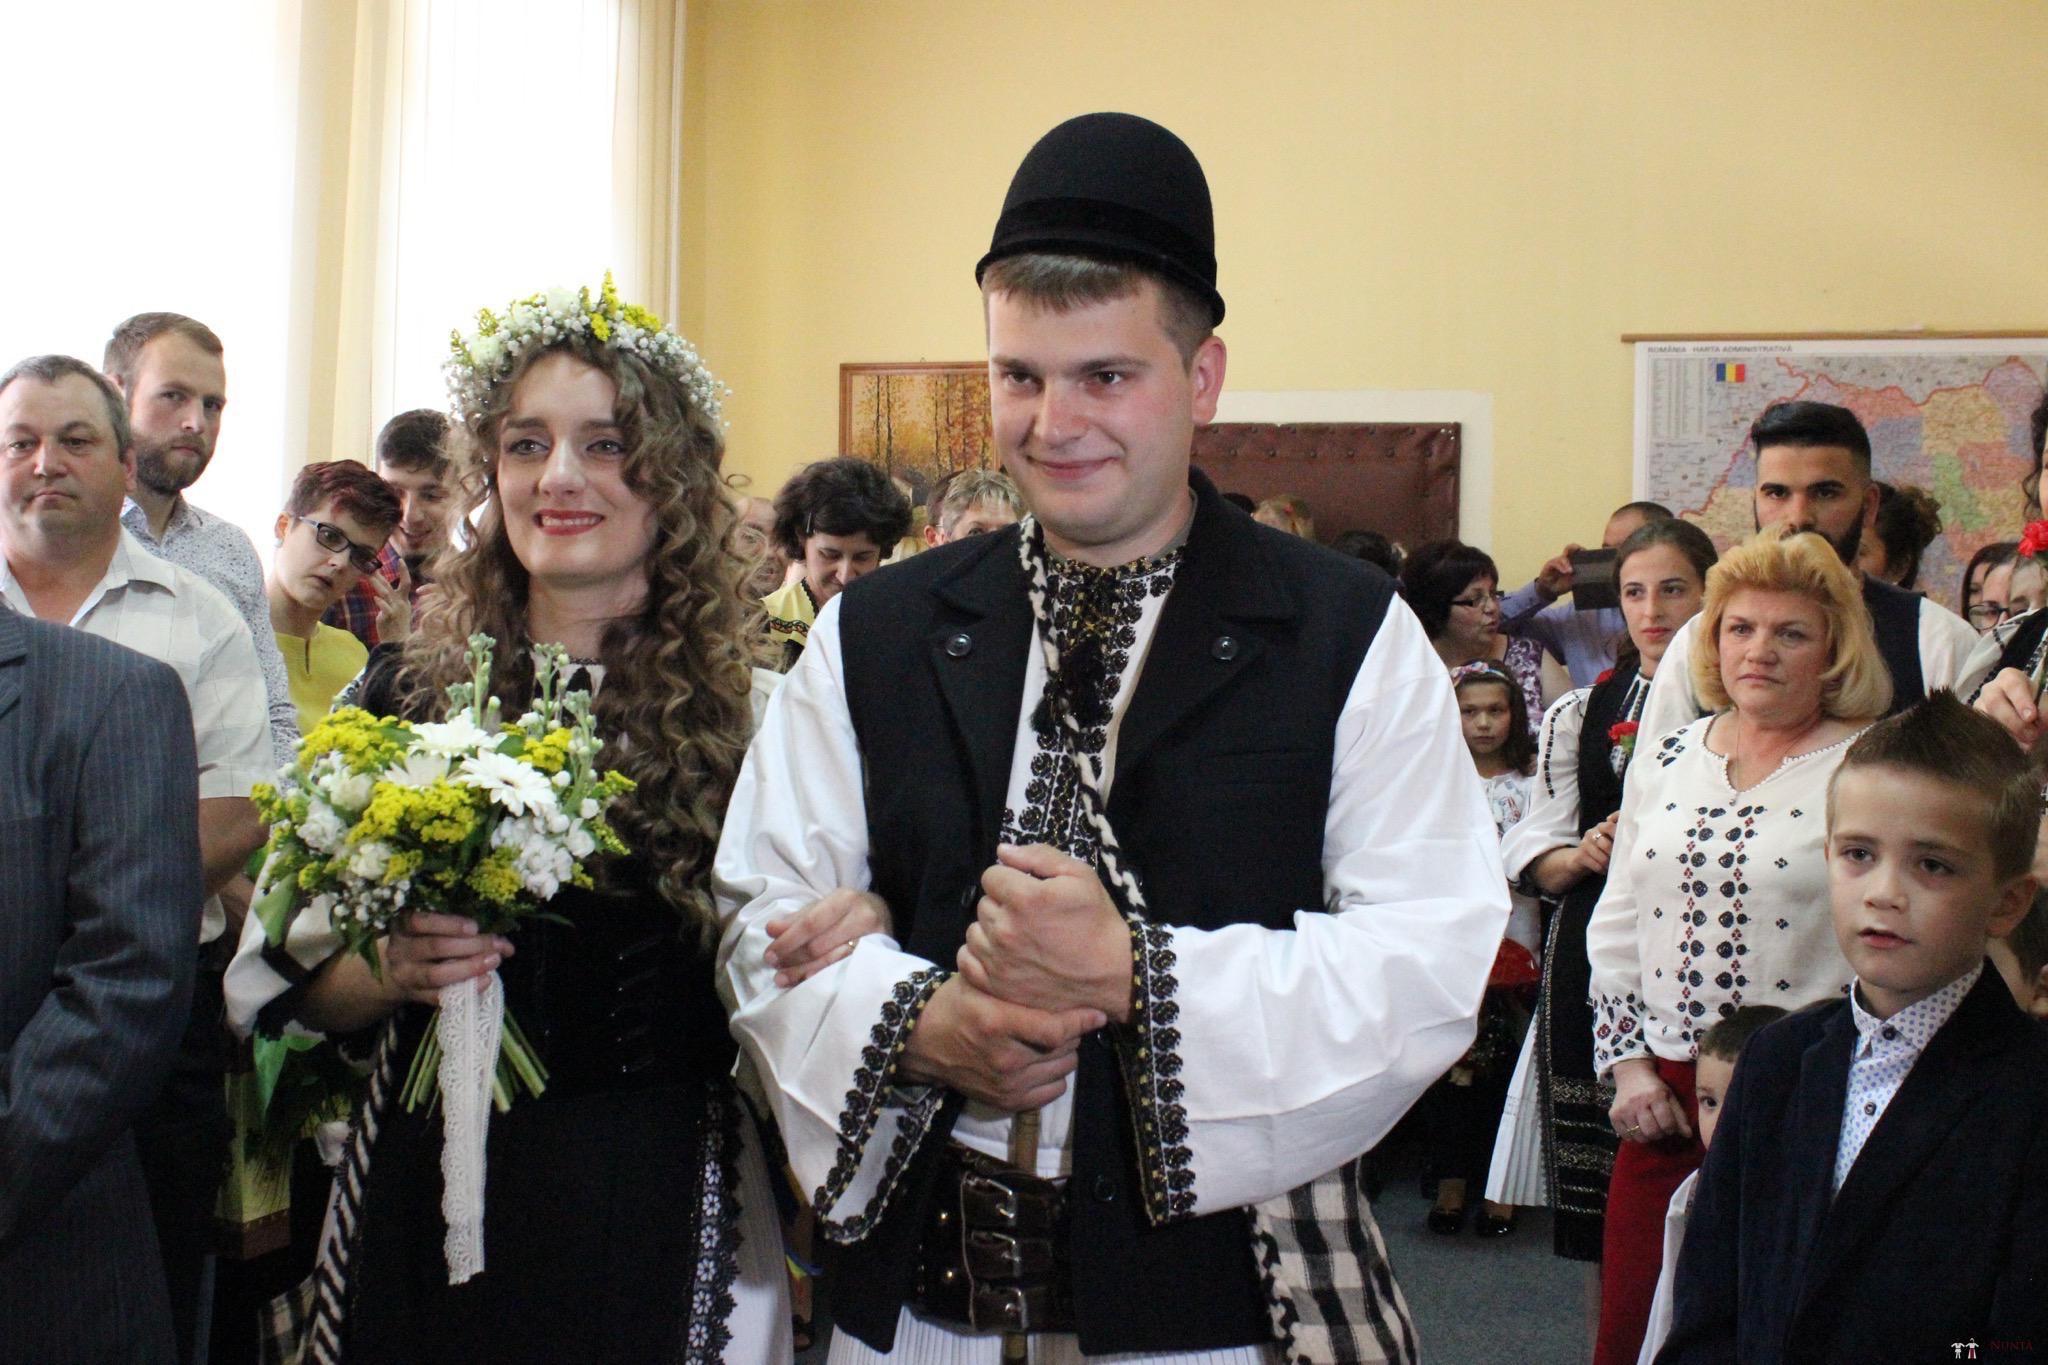 Povești Nunți Tradiționale - Constantin și Simona-Marilena. Nuntă tradițională în Căpâlna, Alba 6